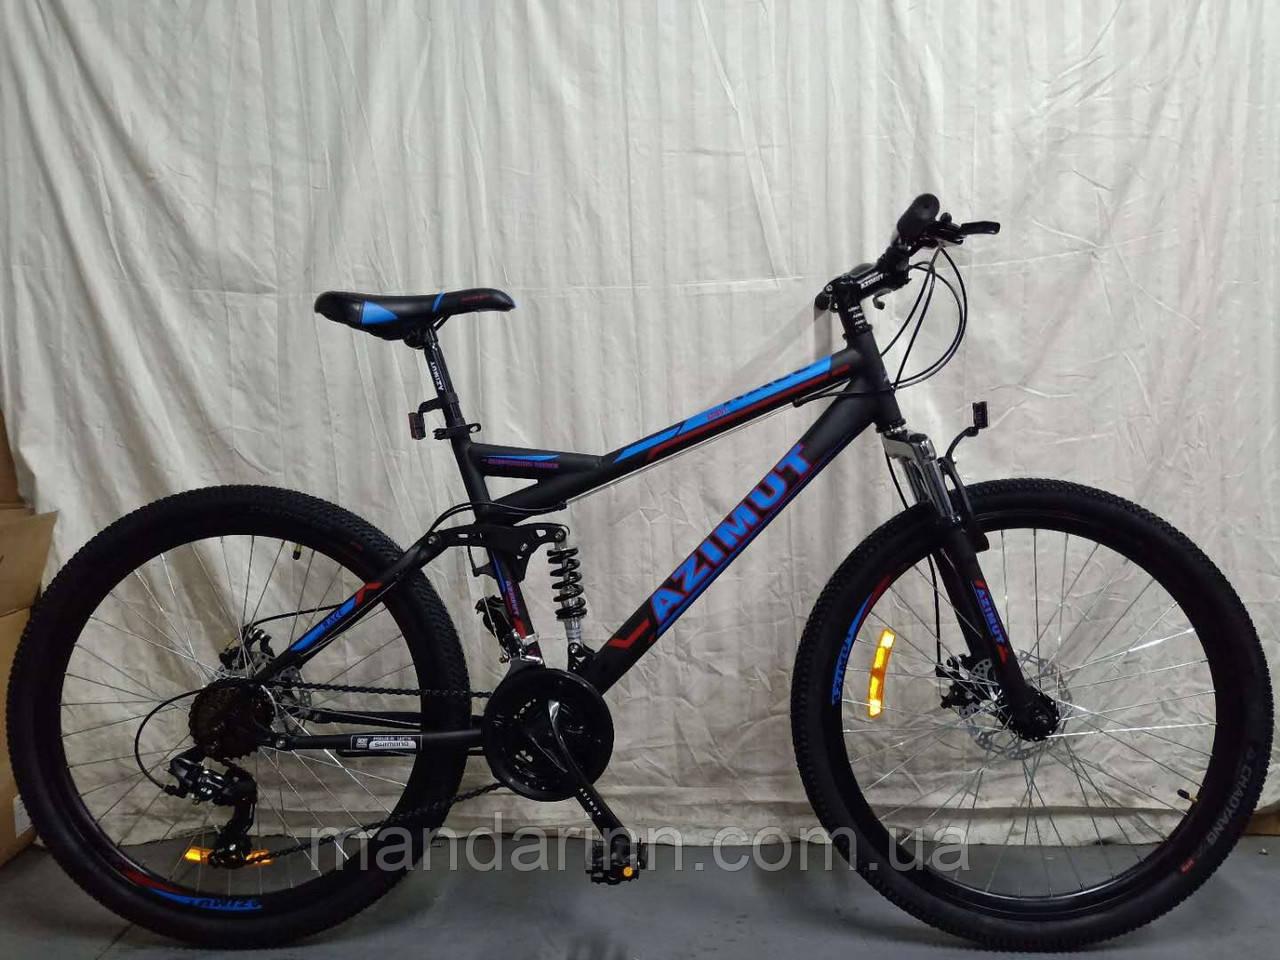 Горный велосипед Azimut Race 26 дюймов. Дисковые тормоза. Синий.